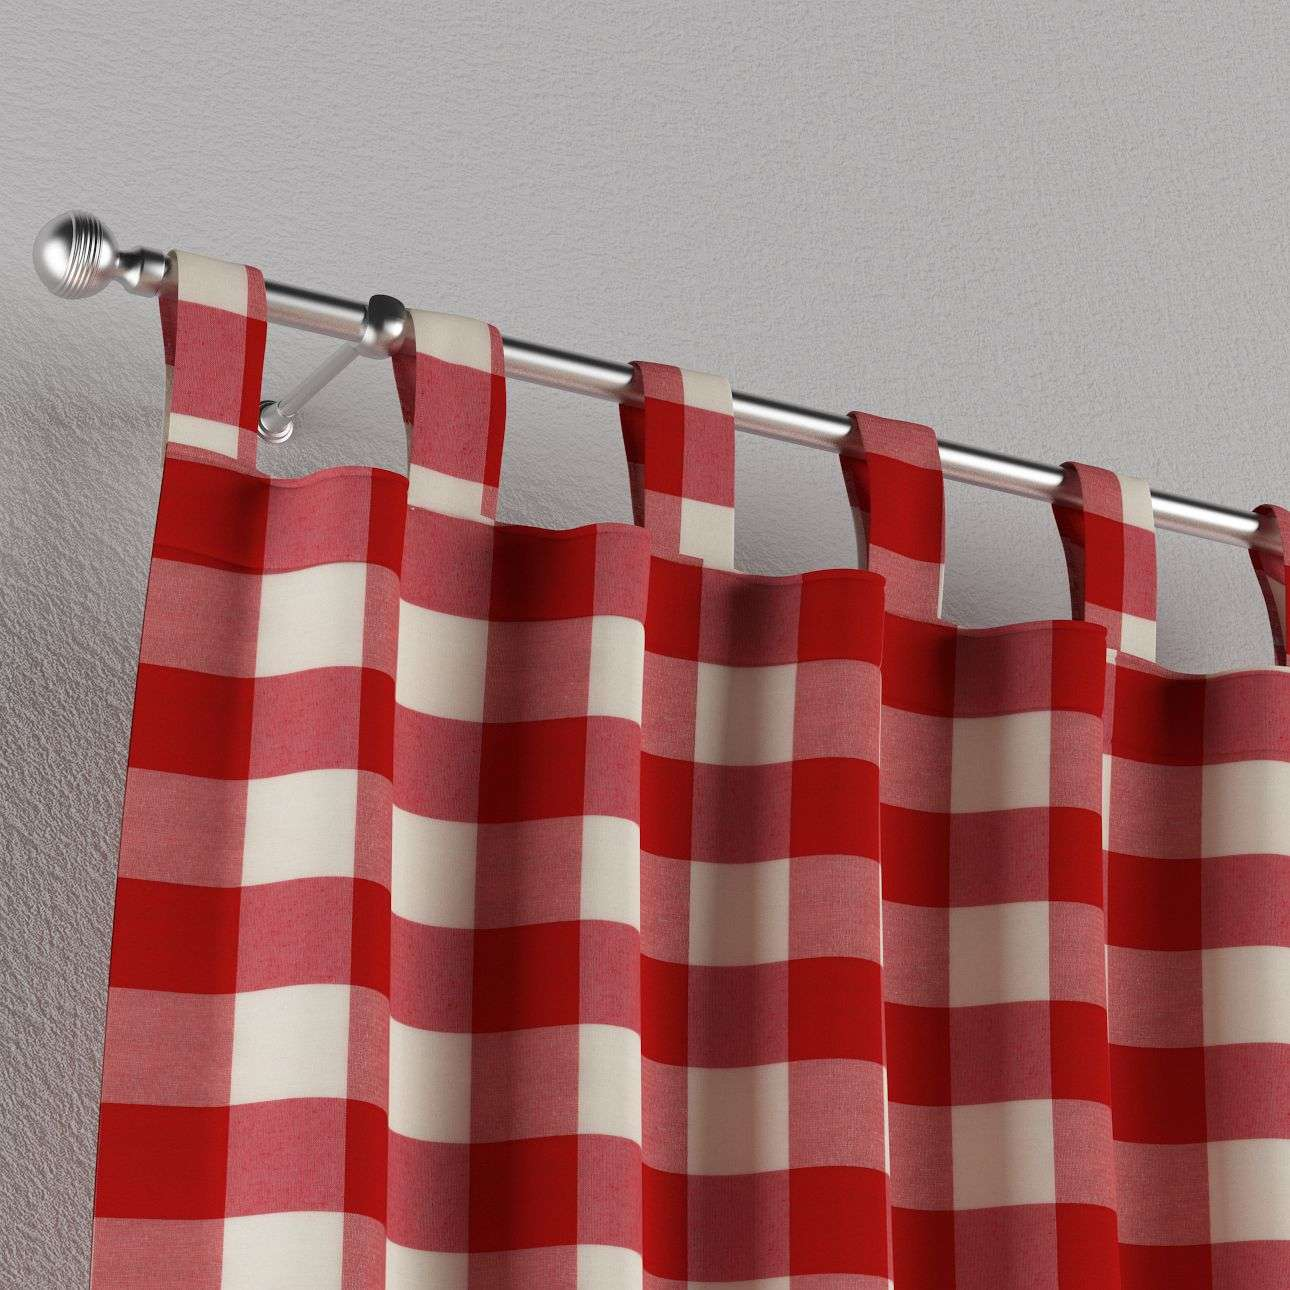 Záves na pútkach V kolekcii Quadro, tkanina: 136-18